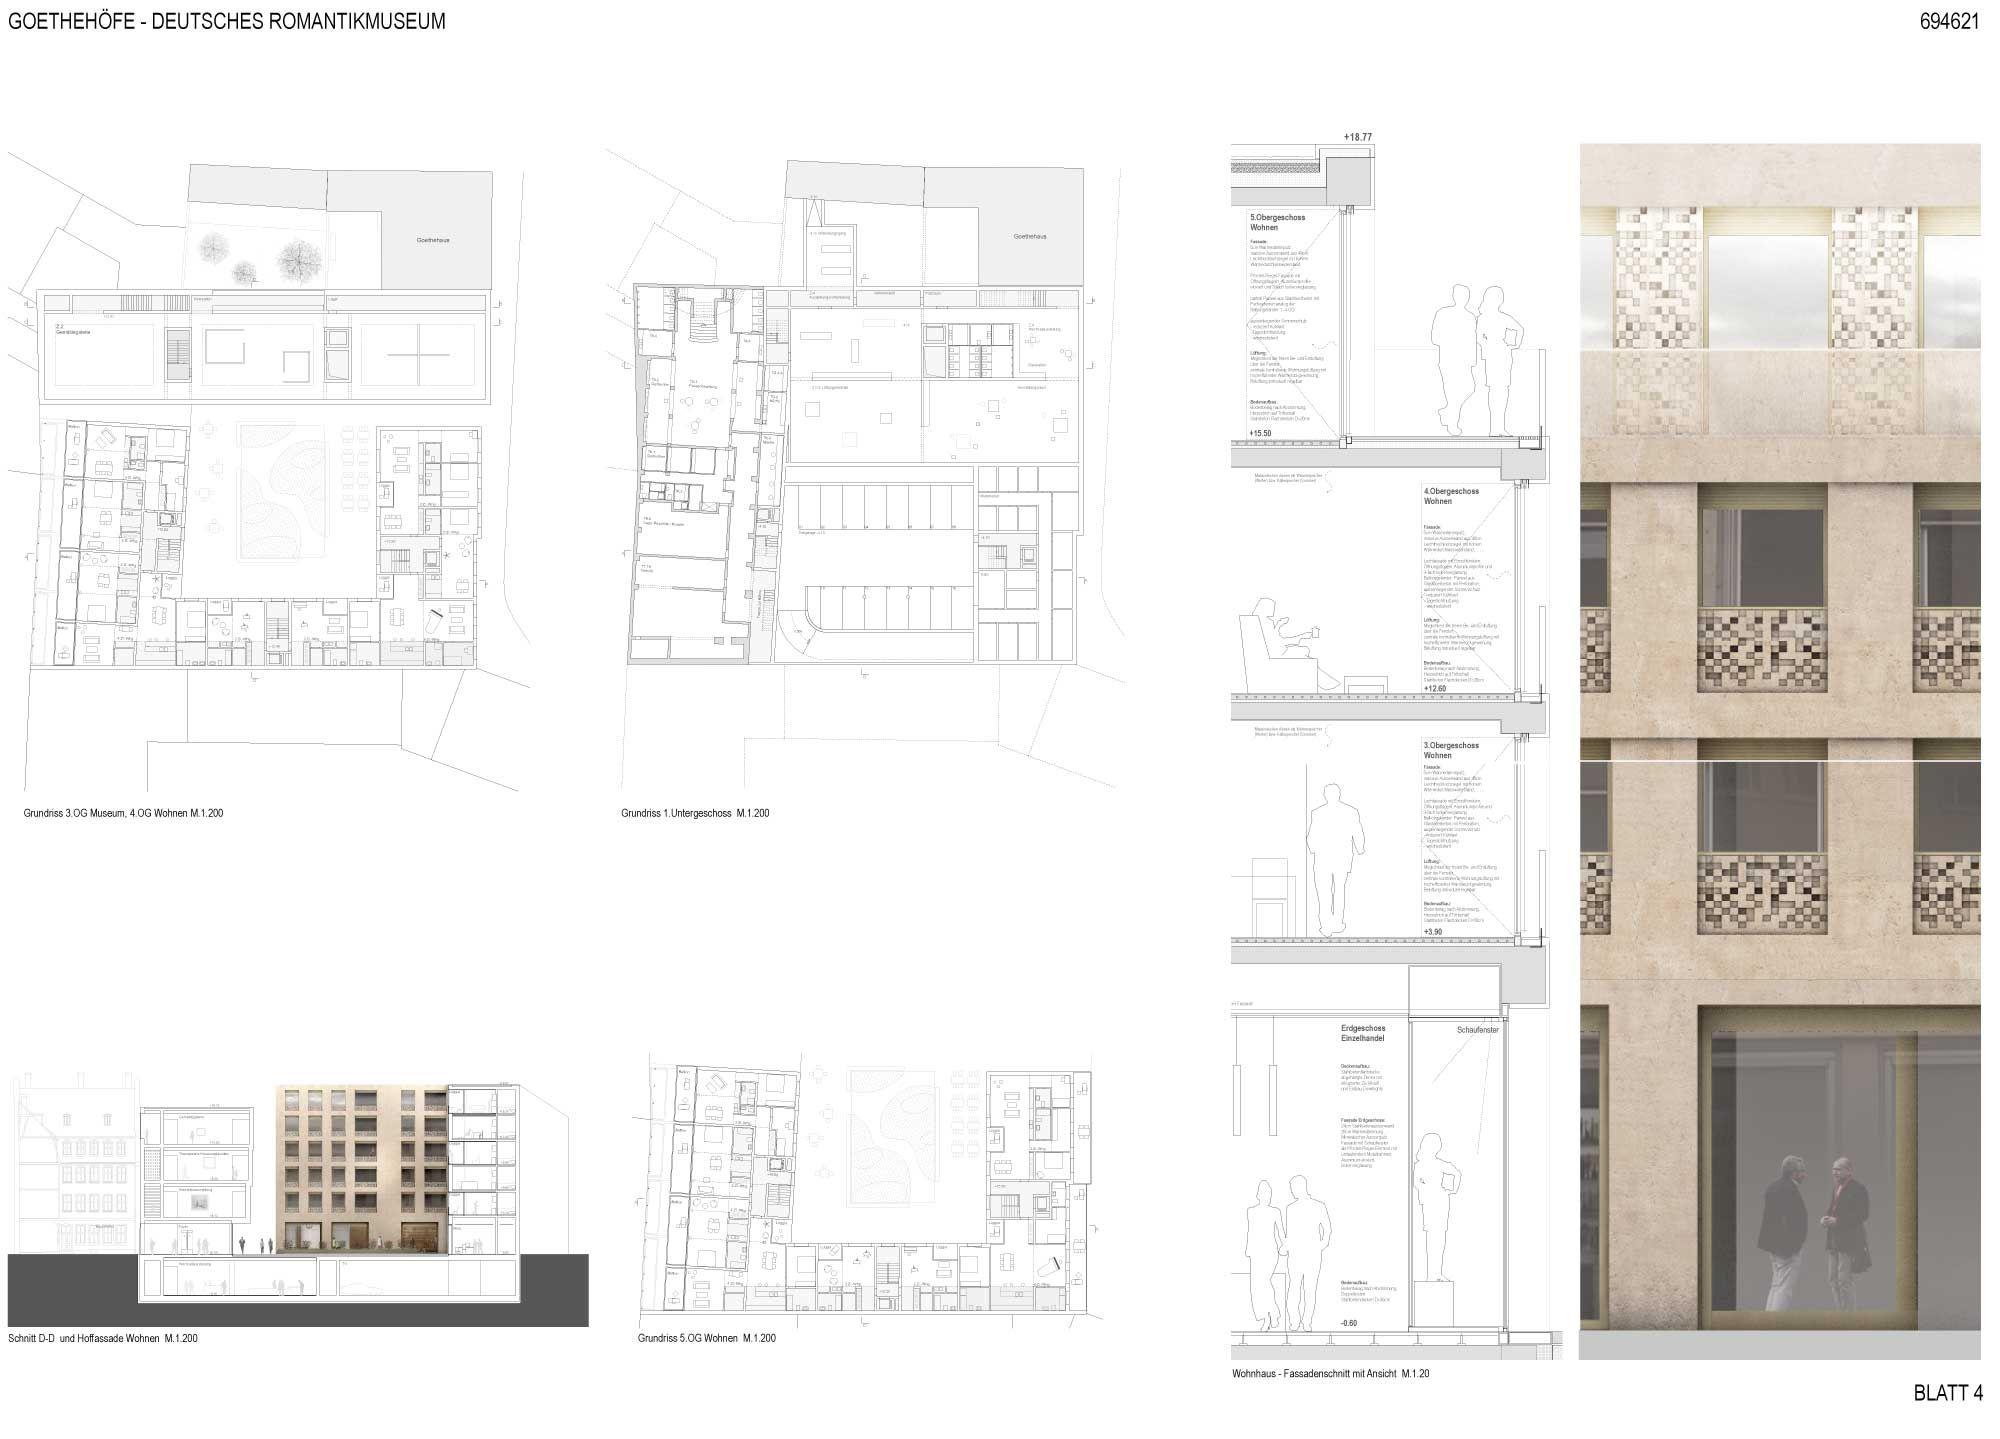 ein 2 preis staab architekten avantis architektur staab architekten und st dtebau. Black Bedroom Furniture Sets. Home Design Ideas